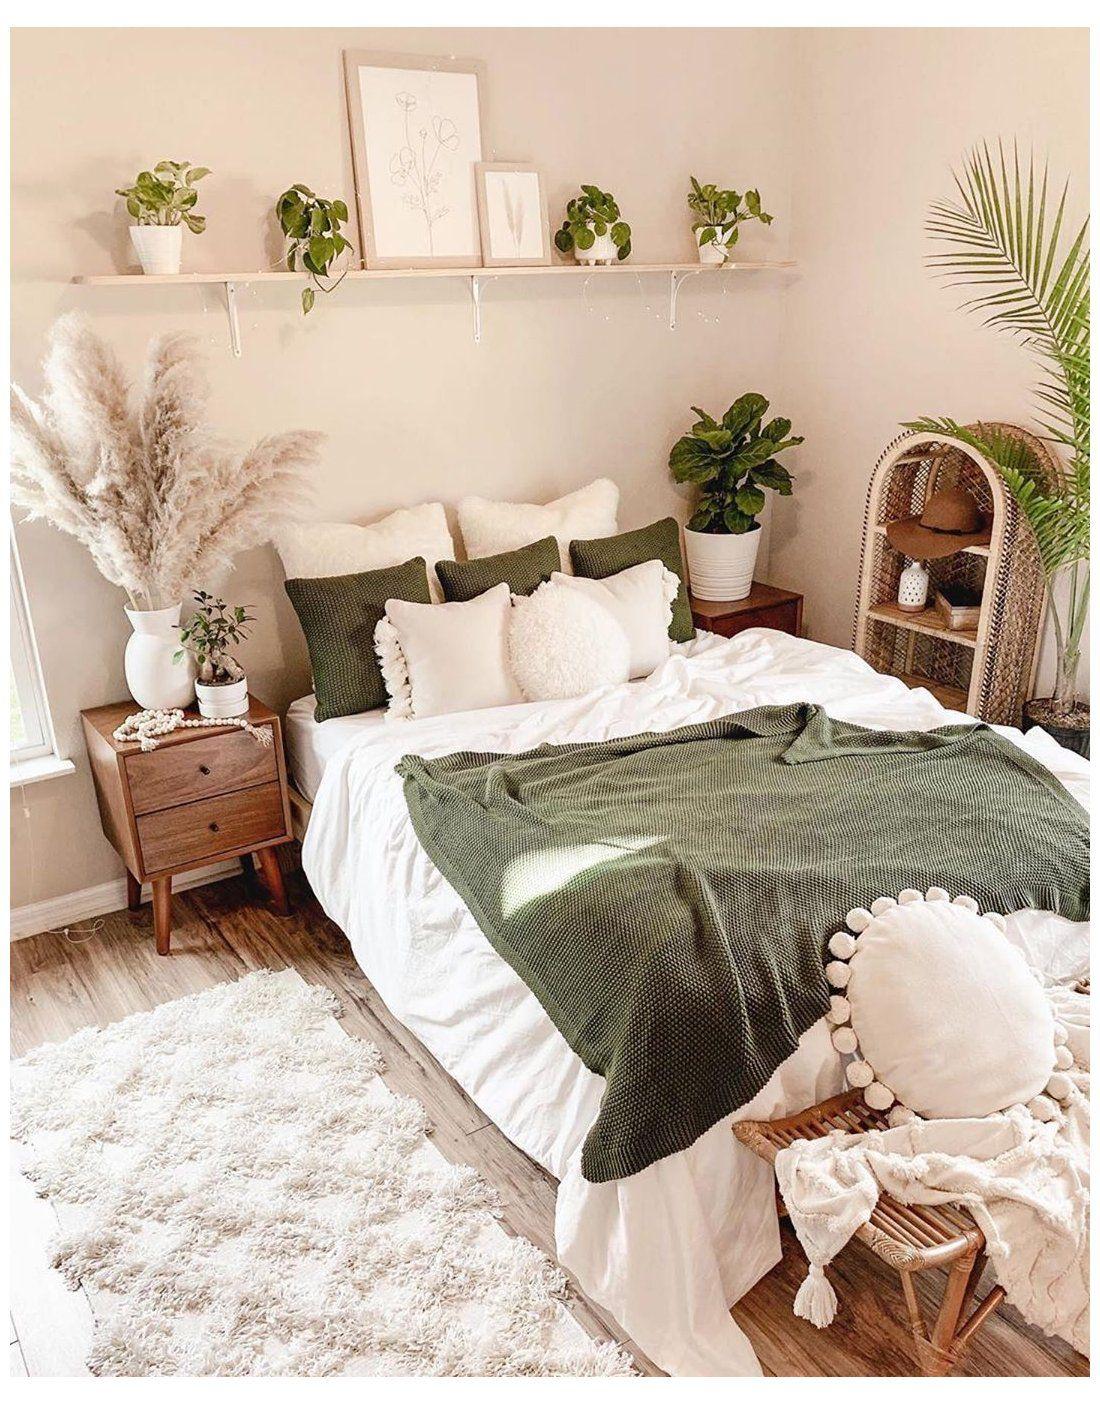 via @my_homely_decor Verliebt in dieses gemütliche Schlafzimmer von @ rachelkathleen13 Was #modern #home #decor #signs via @my_homely_decor Verliebt in dieses gemütliche Schlafzimmer von @ rachelkathleen13 Was … – #bedroom #bedroomdecoration #bedroomideas #Dieses